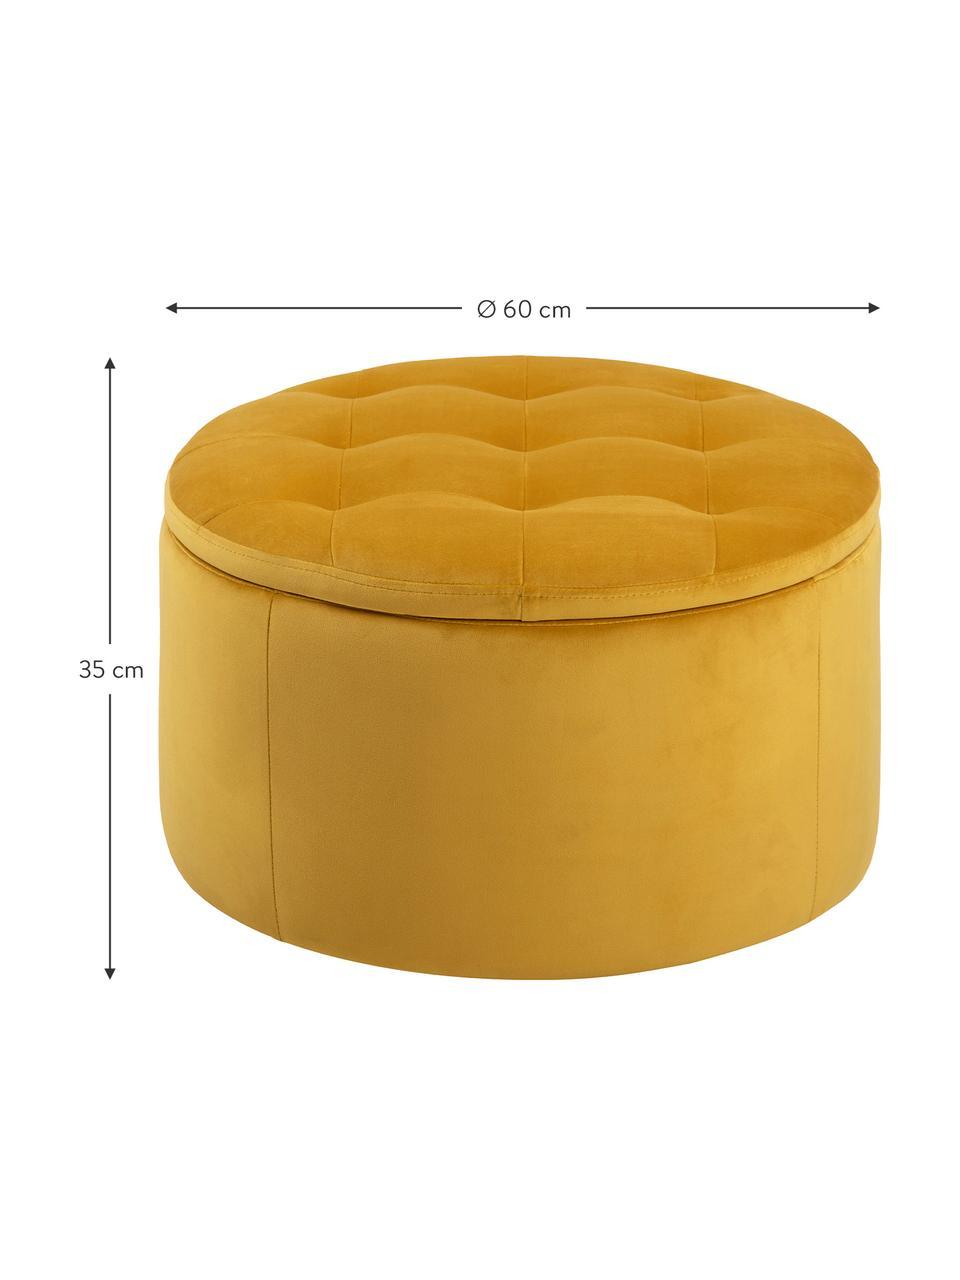 Pouf contenitore in velluto giallo Retina, Rivestimento: velluto di poliestere 25., Struttura: materiale sintetico, Giallo, Ø 60 x Alt. 35 cm